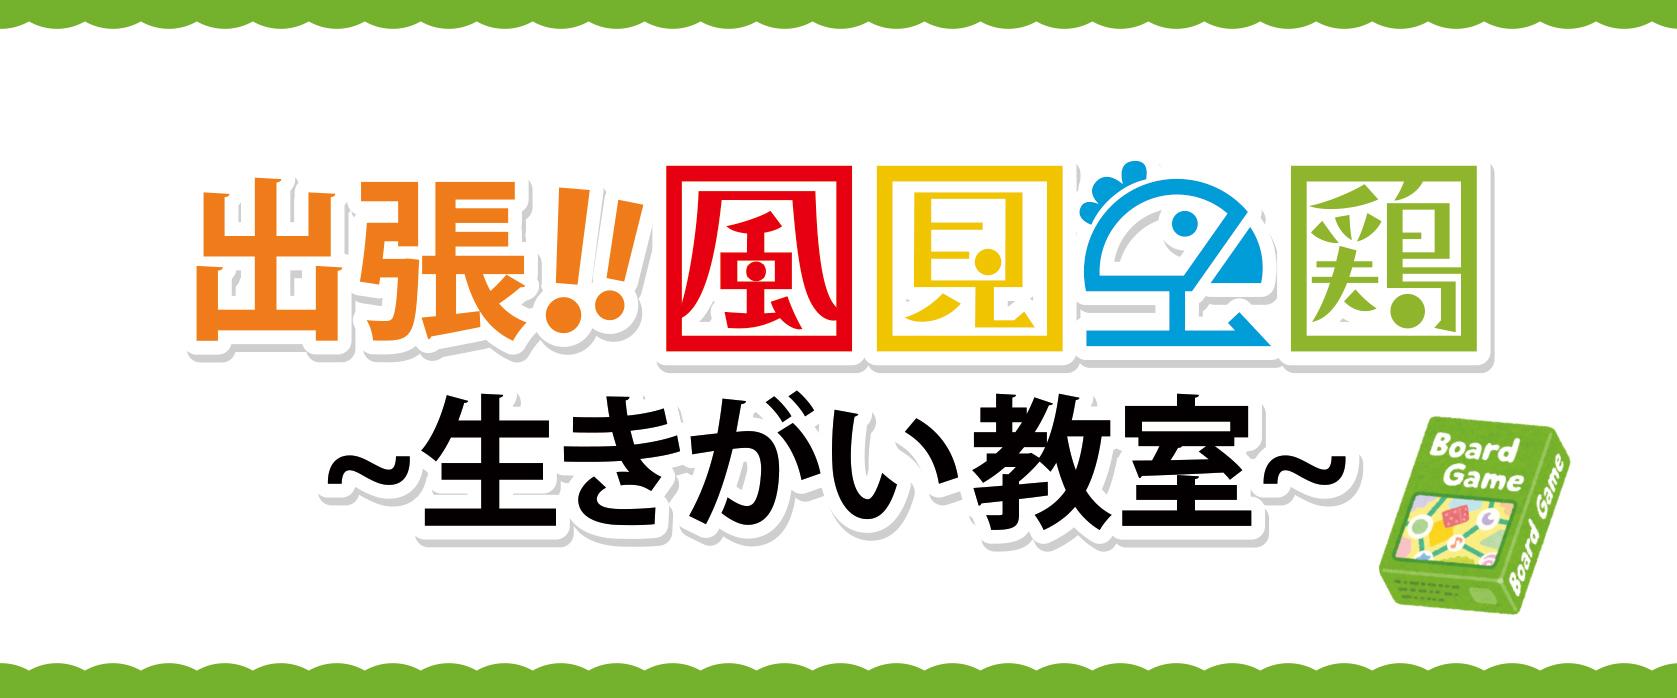 9/2(月)出張!風見鶏!!